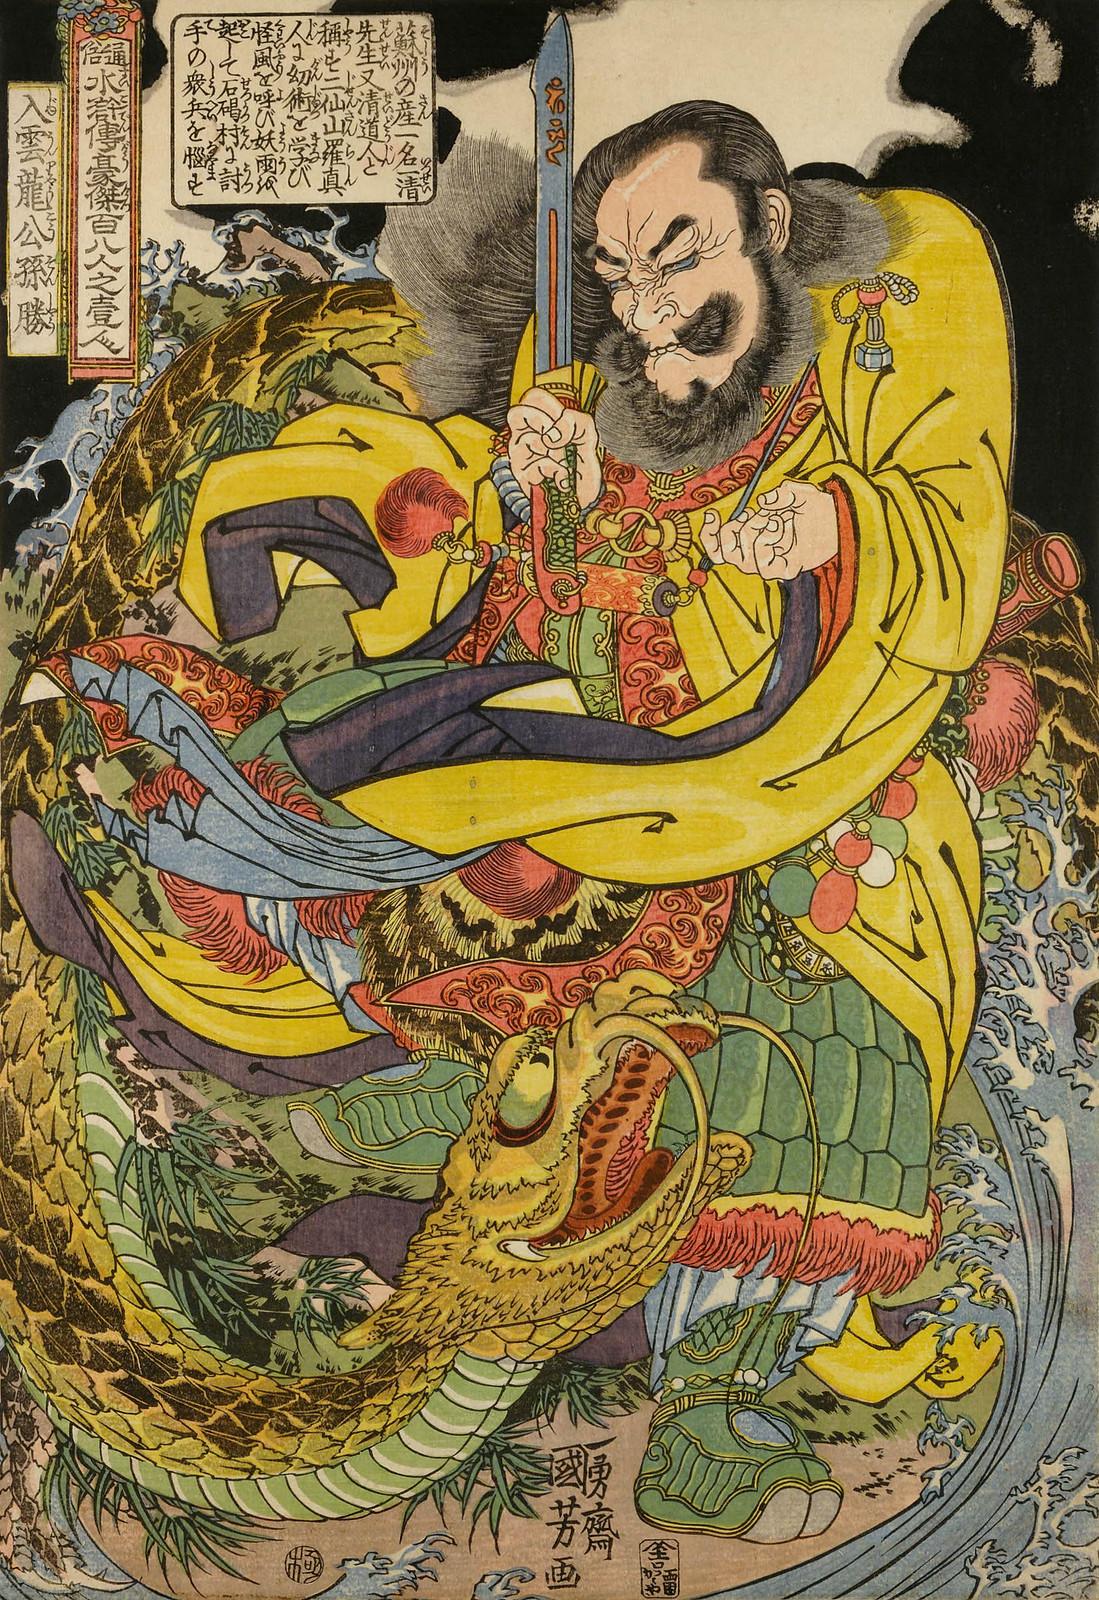 Utagawa Kuniyoshi - Tsuzoku Suikoden Goketsu Hyakuhachi-nin no Hitori, Ju-unryu Kosonsho, a sorcerer, evoking a storm-dragon. 1827